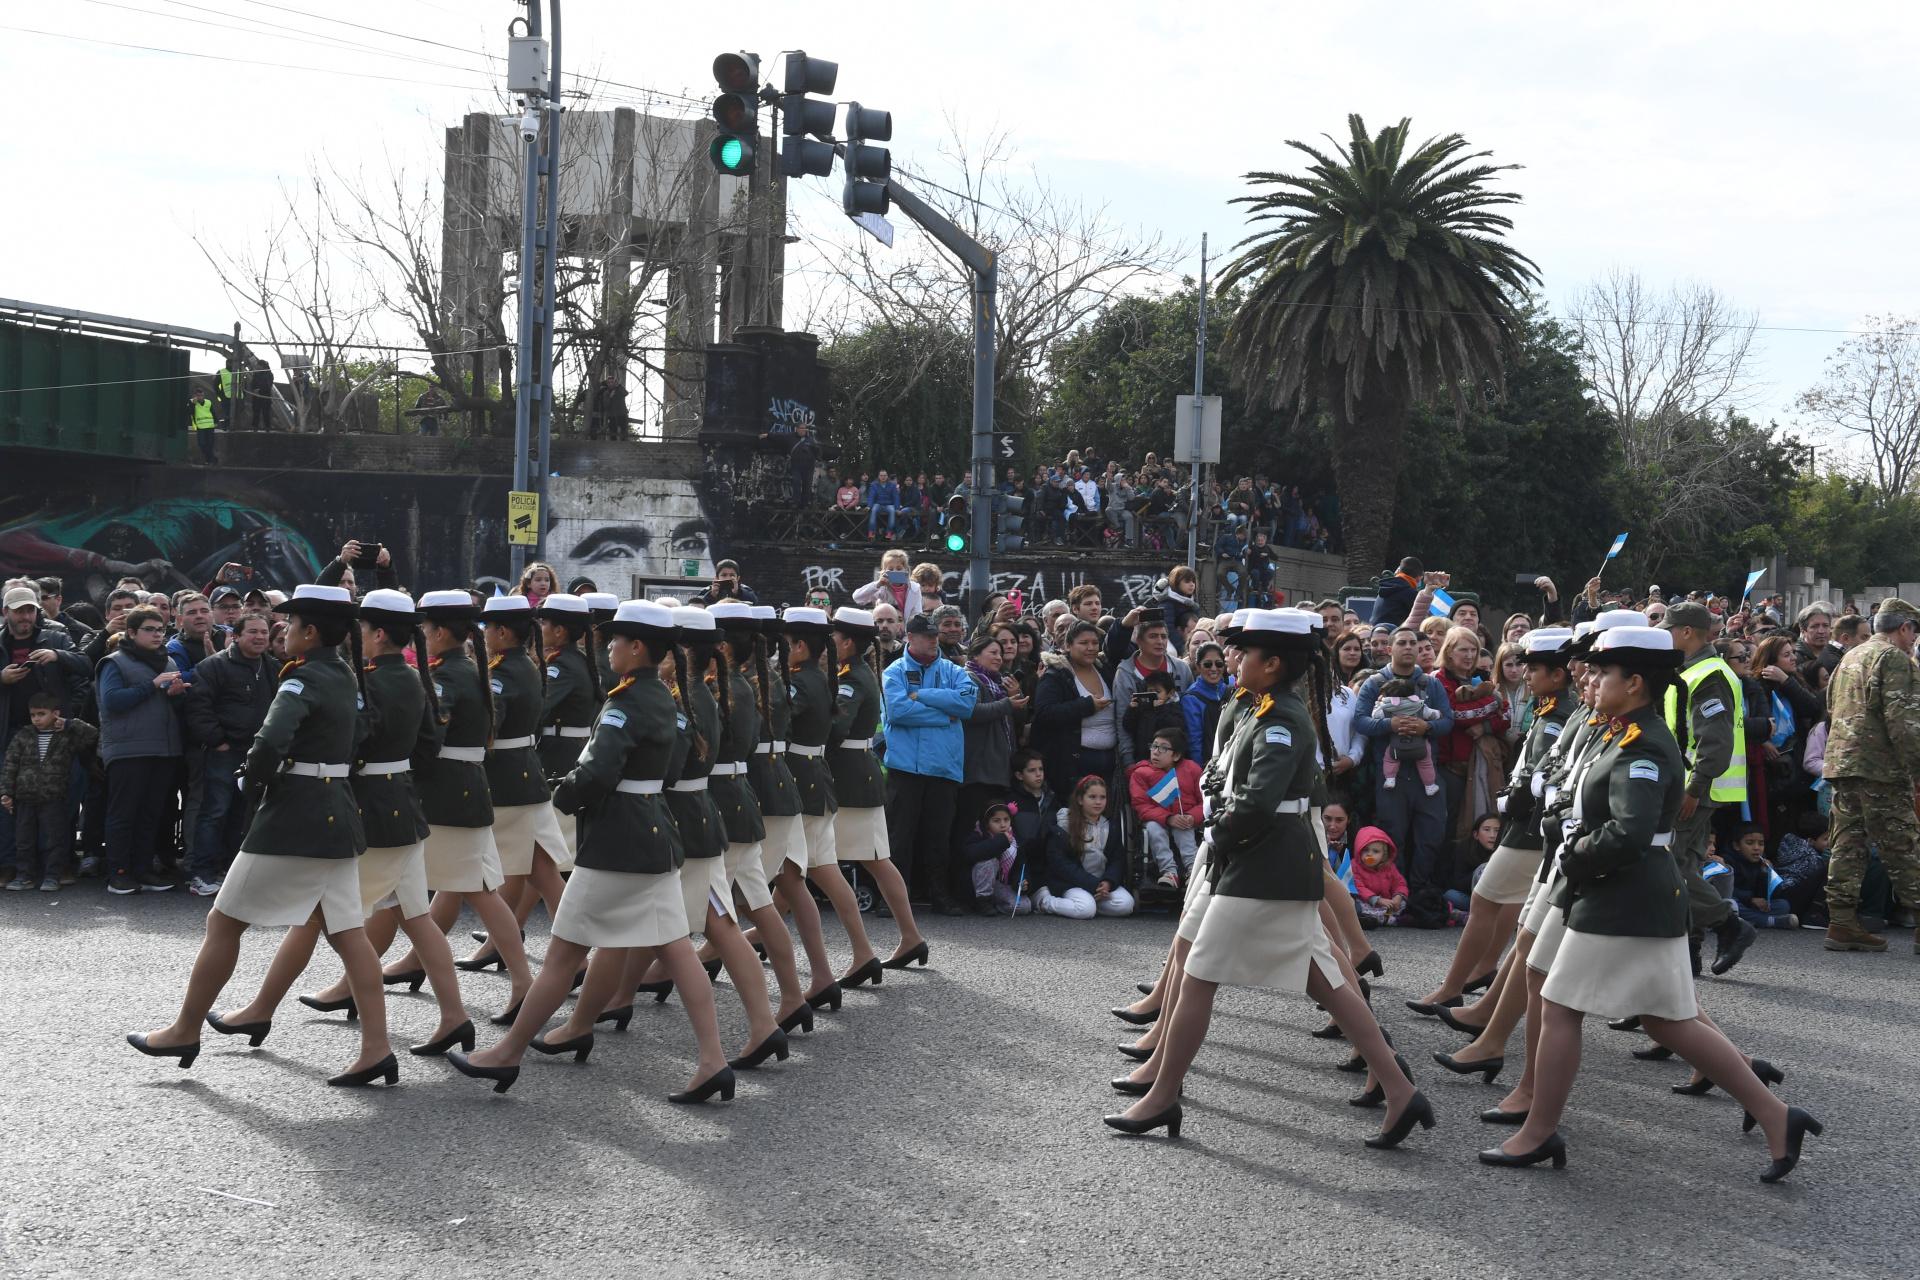 Las fuerzas armadas desplegaron a cientos de efectivos durante el desfile